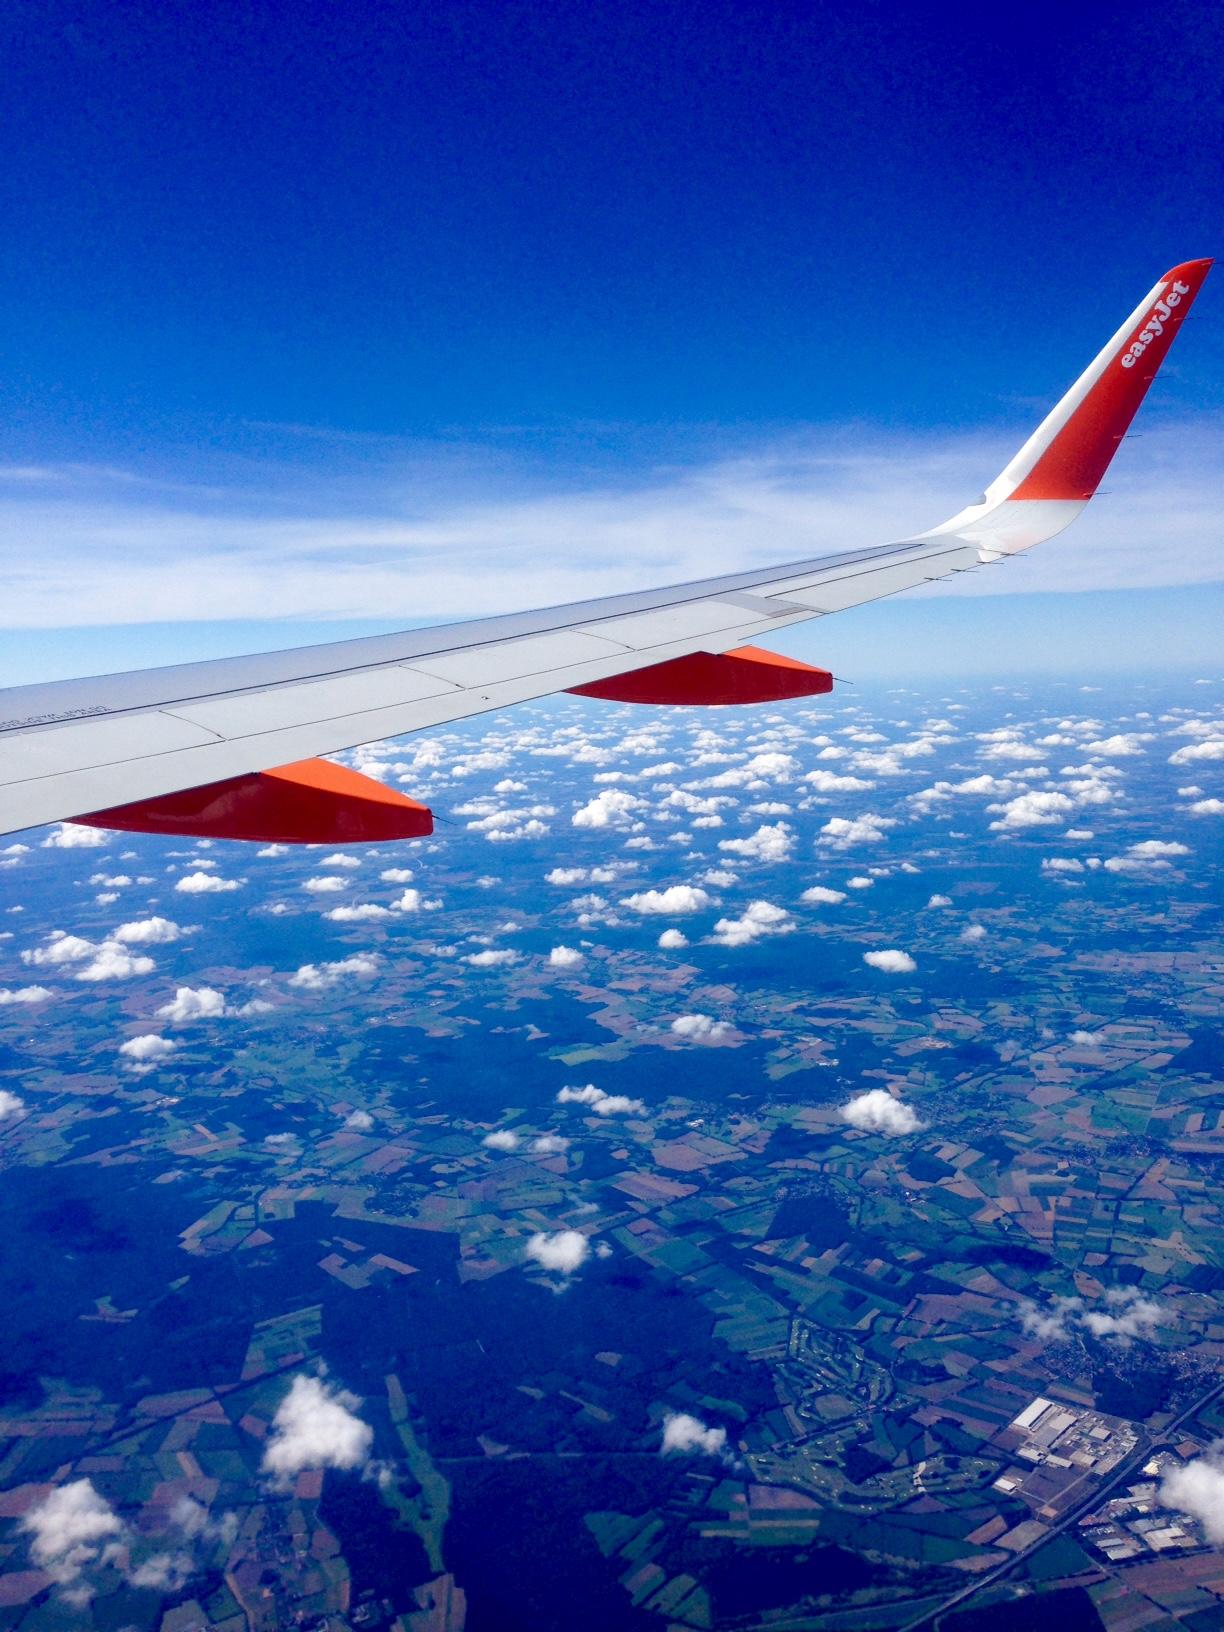 Flying from Kiel, Germany, to Split in Croatia.